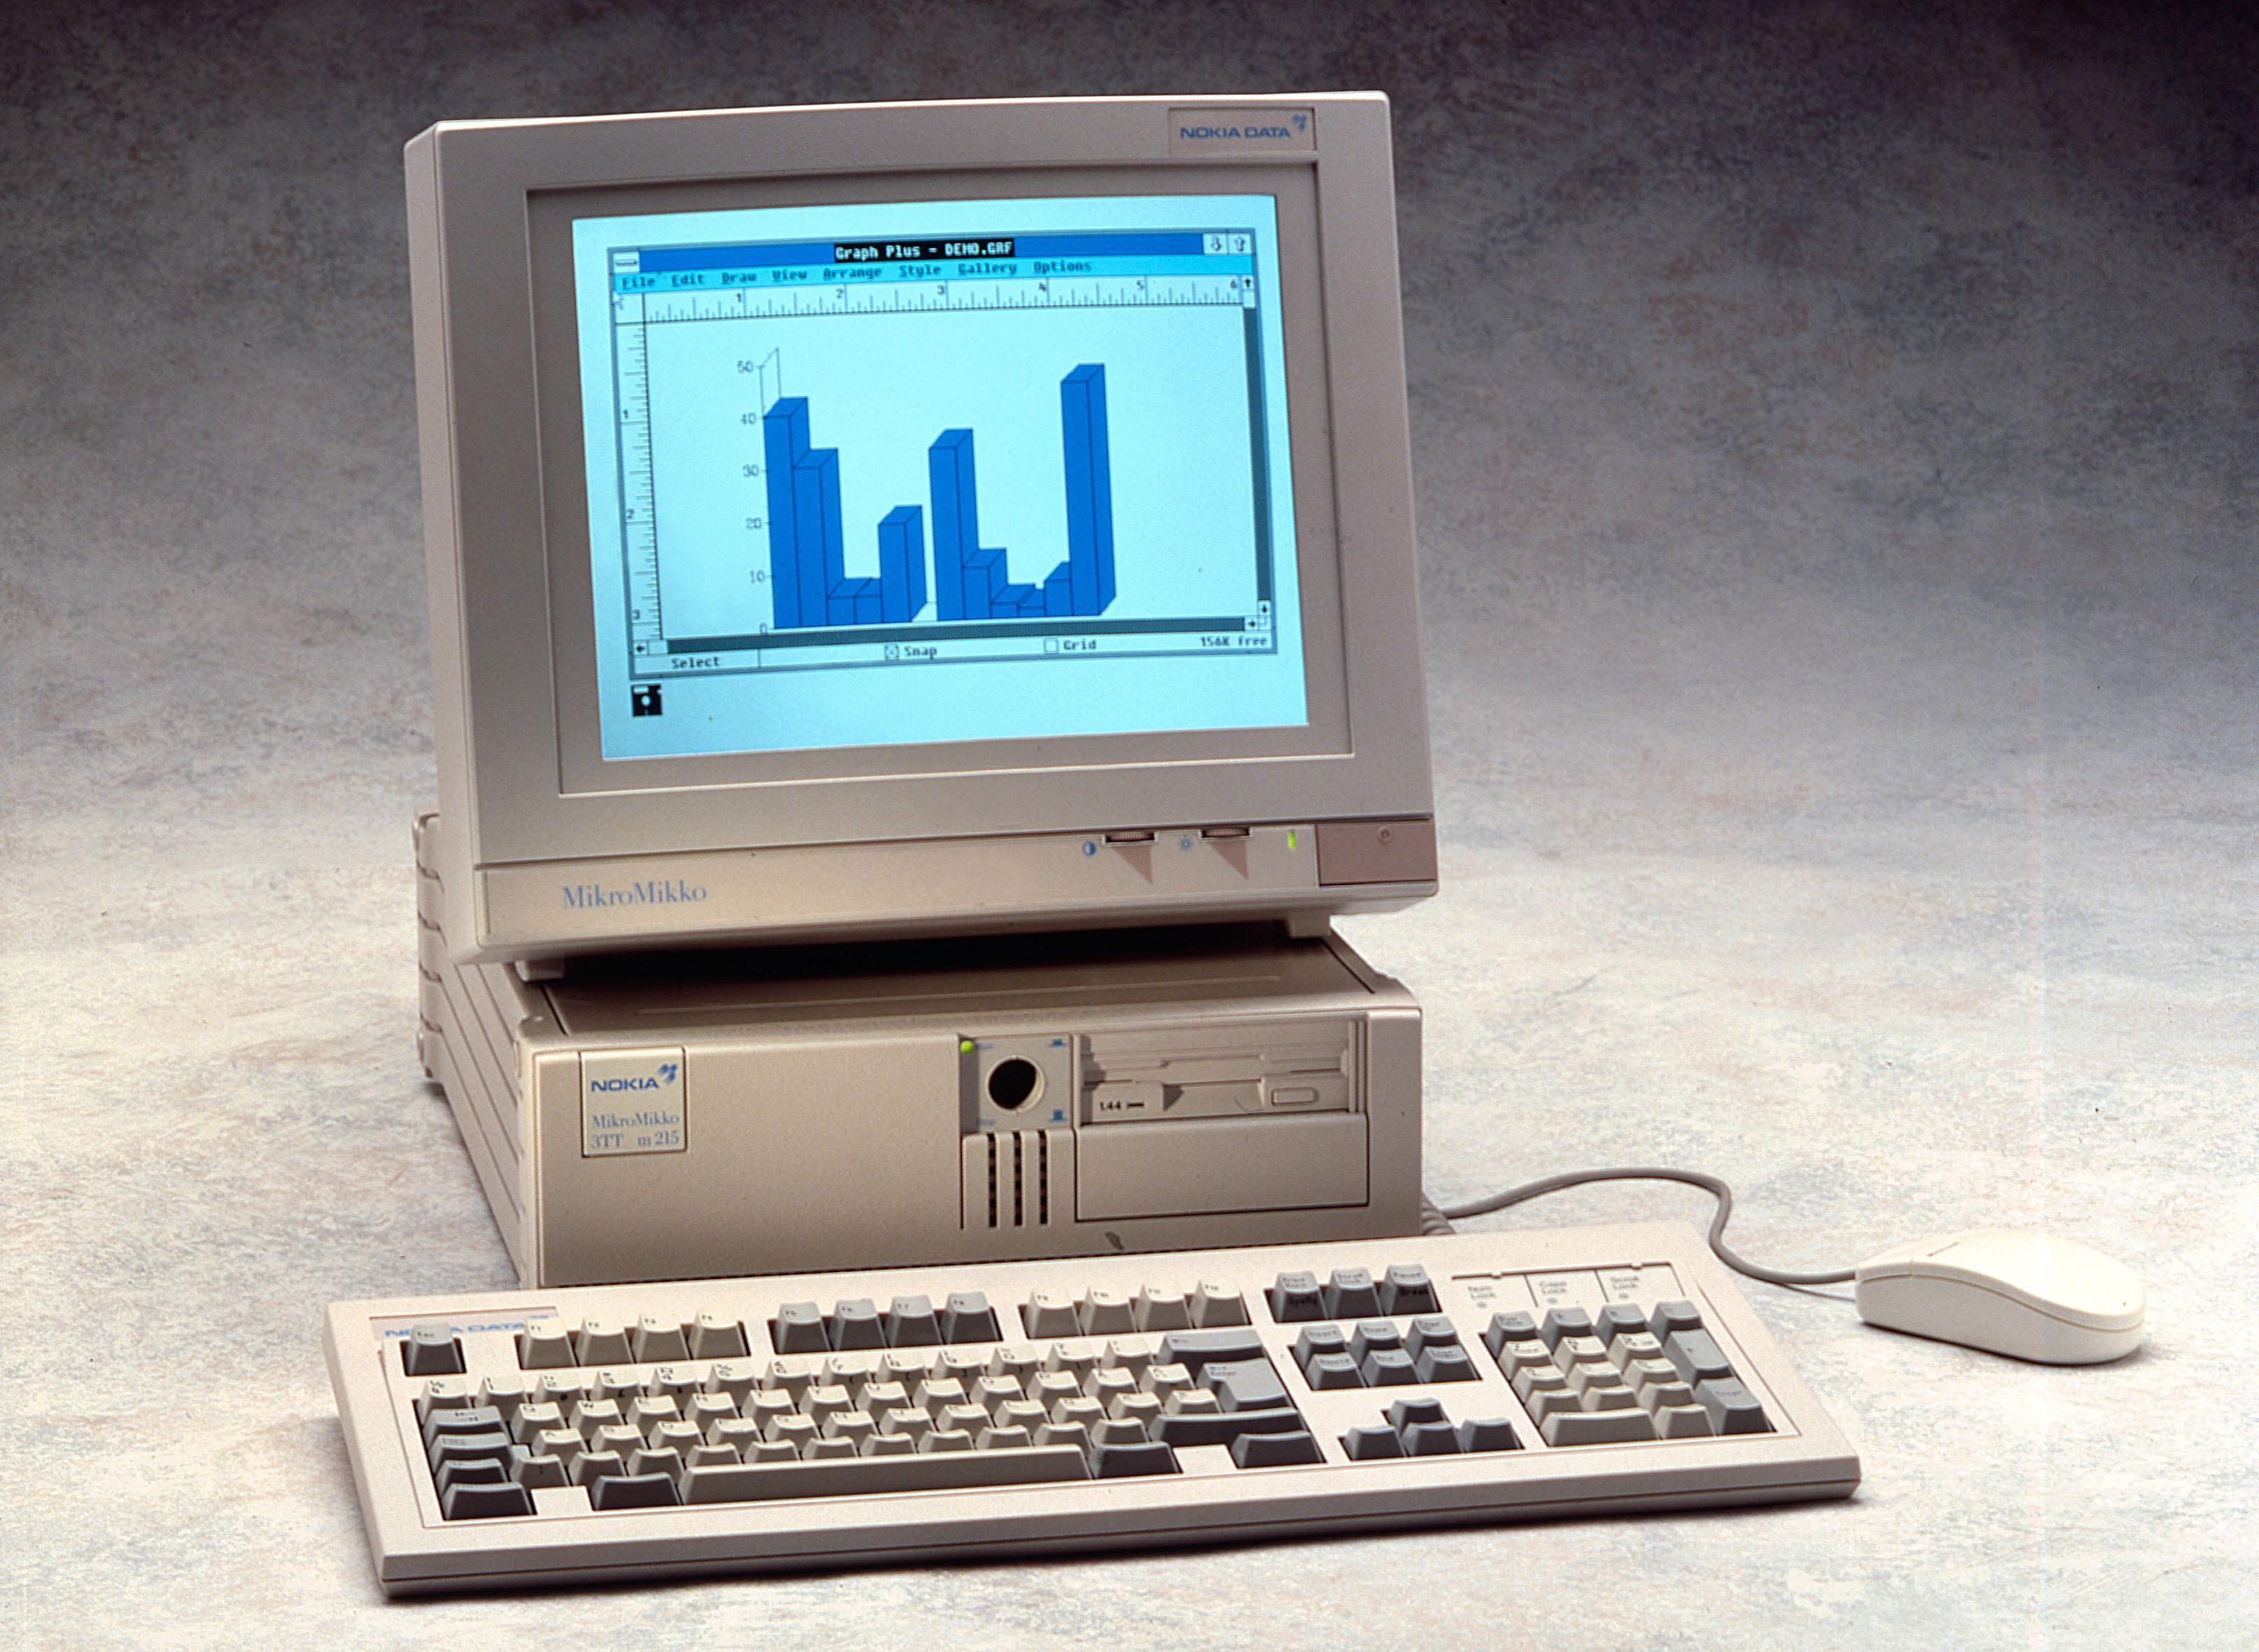 Nokia har også laget PC-er. Dette er en Nokia MikroMikko 3 TT m215 fra slutten av 80-tallet.